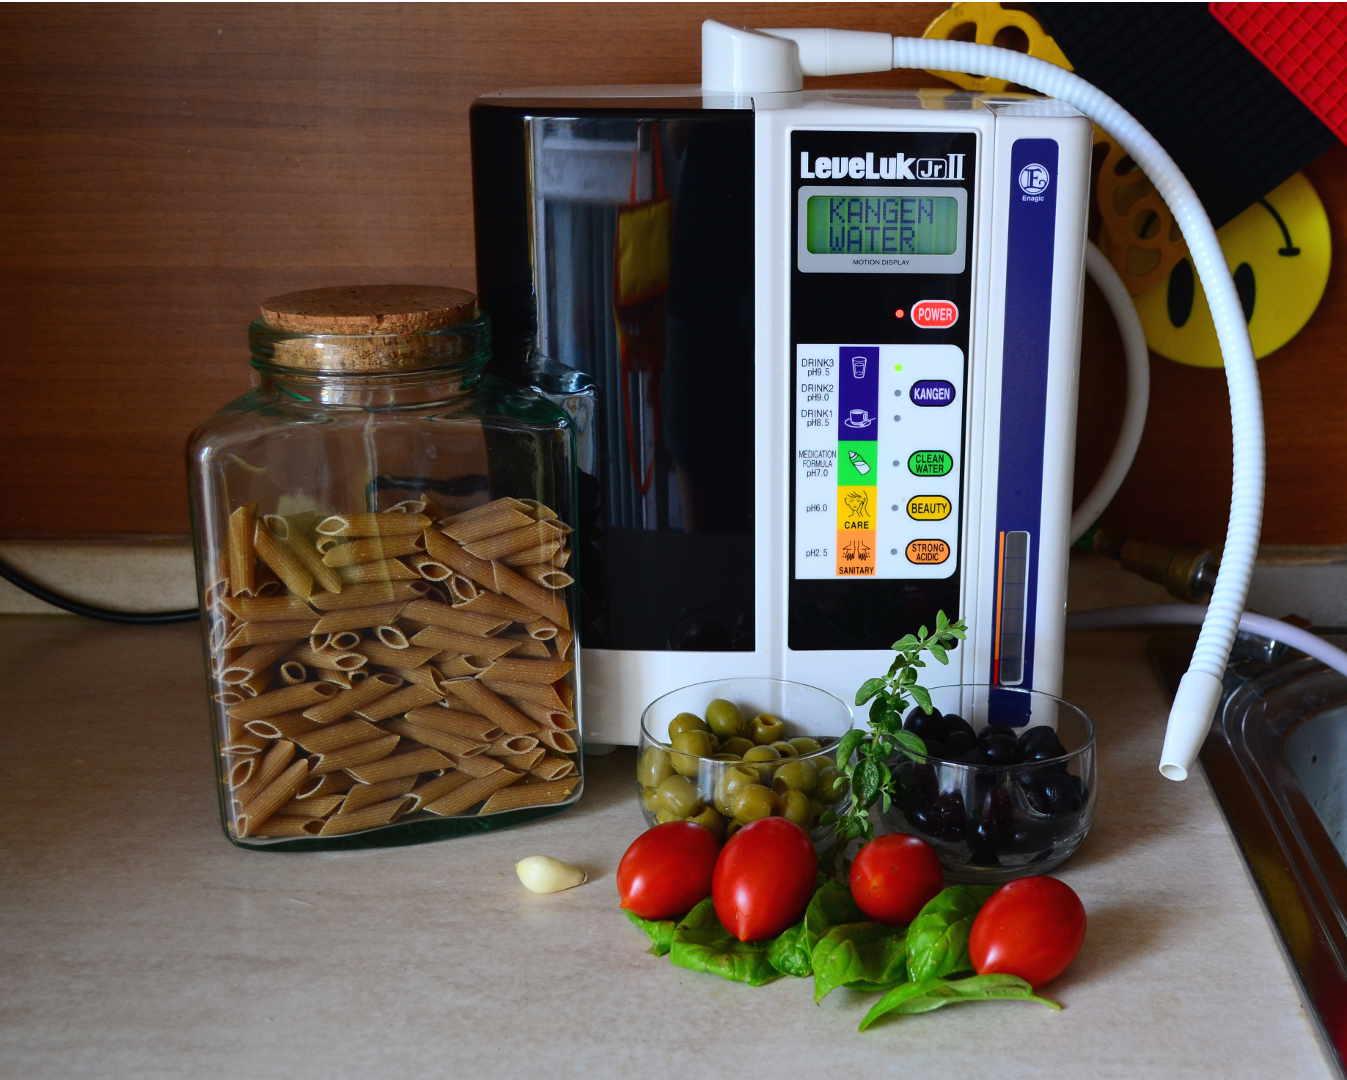 acqua kangen leveluk ionizzatore alcalinizzatore acqua alcalina integrali aglio olive verdi nere pomodorini piccadilly basilico origano vivere salutariani